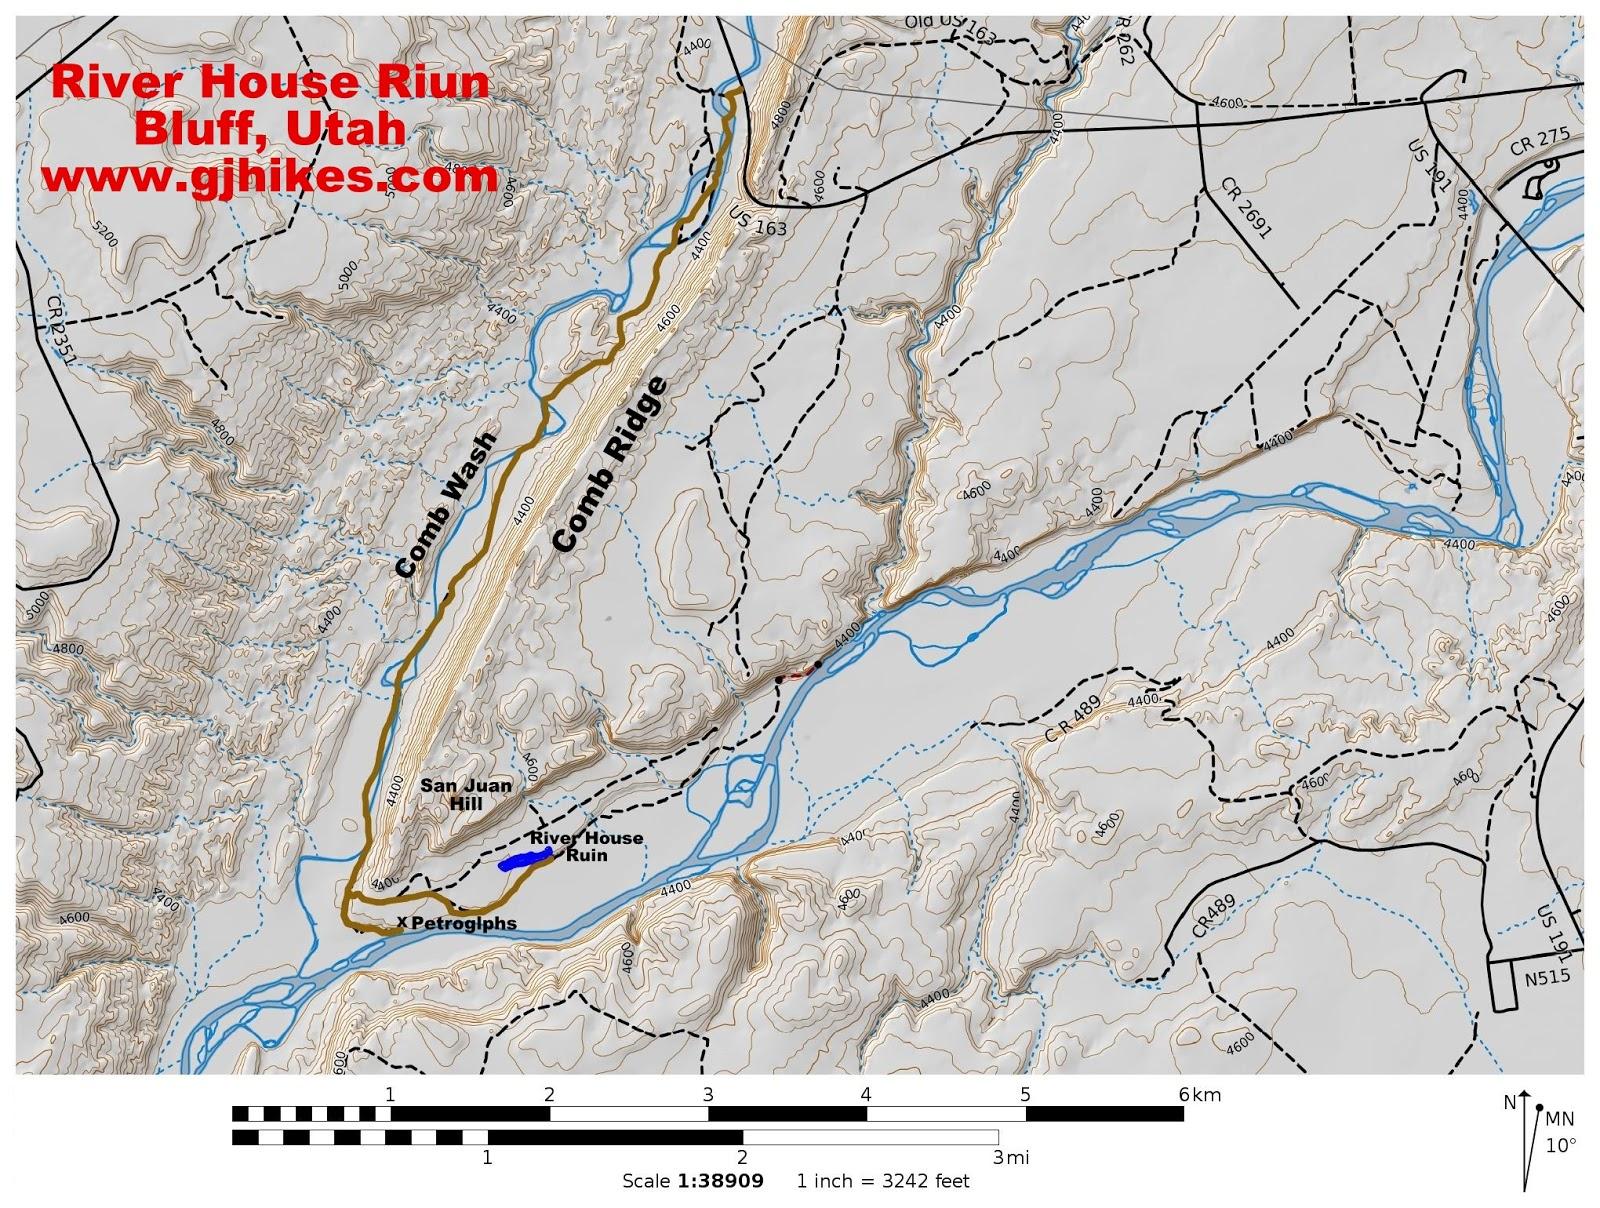 San Juan River Utah Map.Gjhikes Com River House Ruin